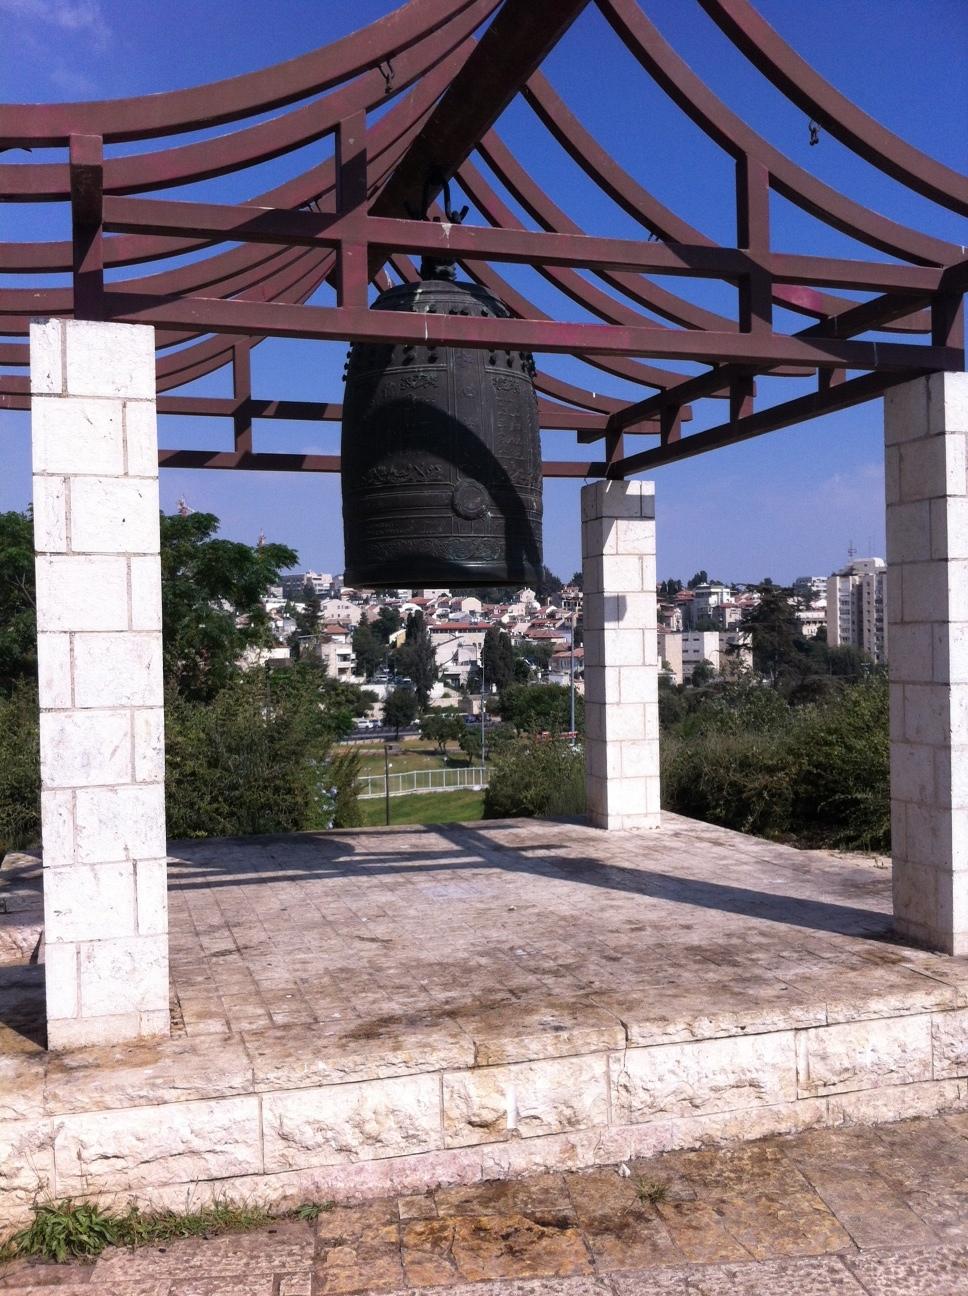 Jerusalem, Israel. August 2018.